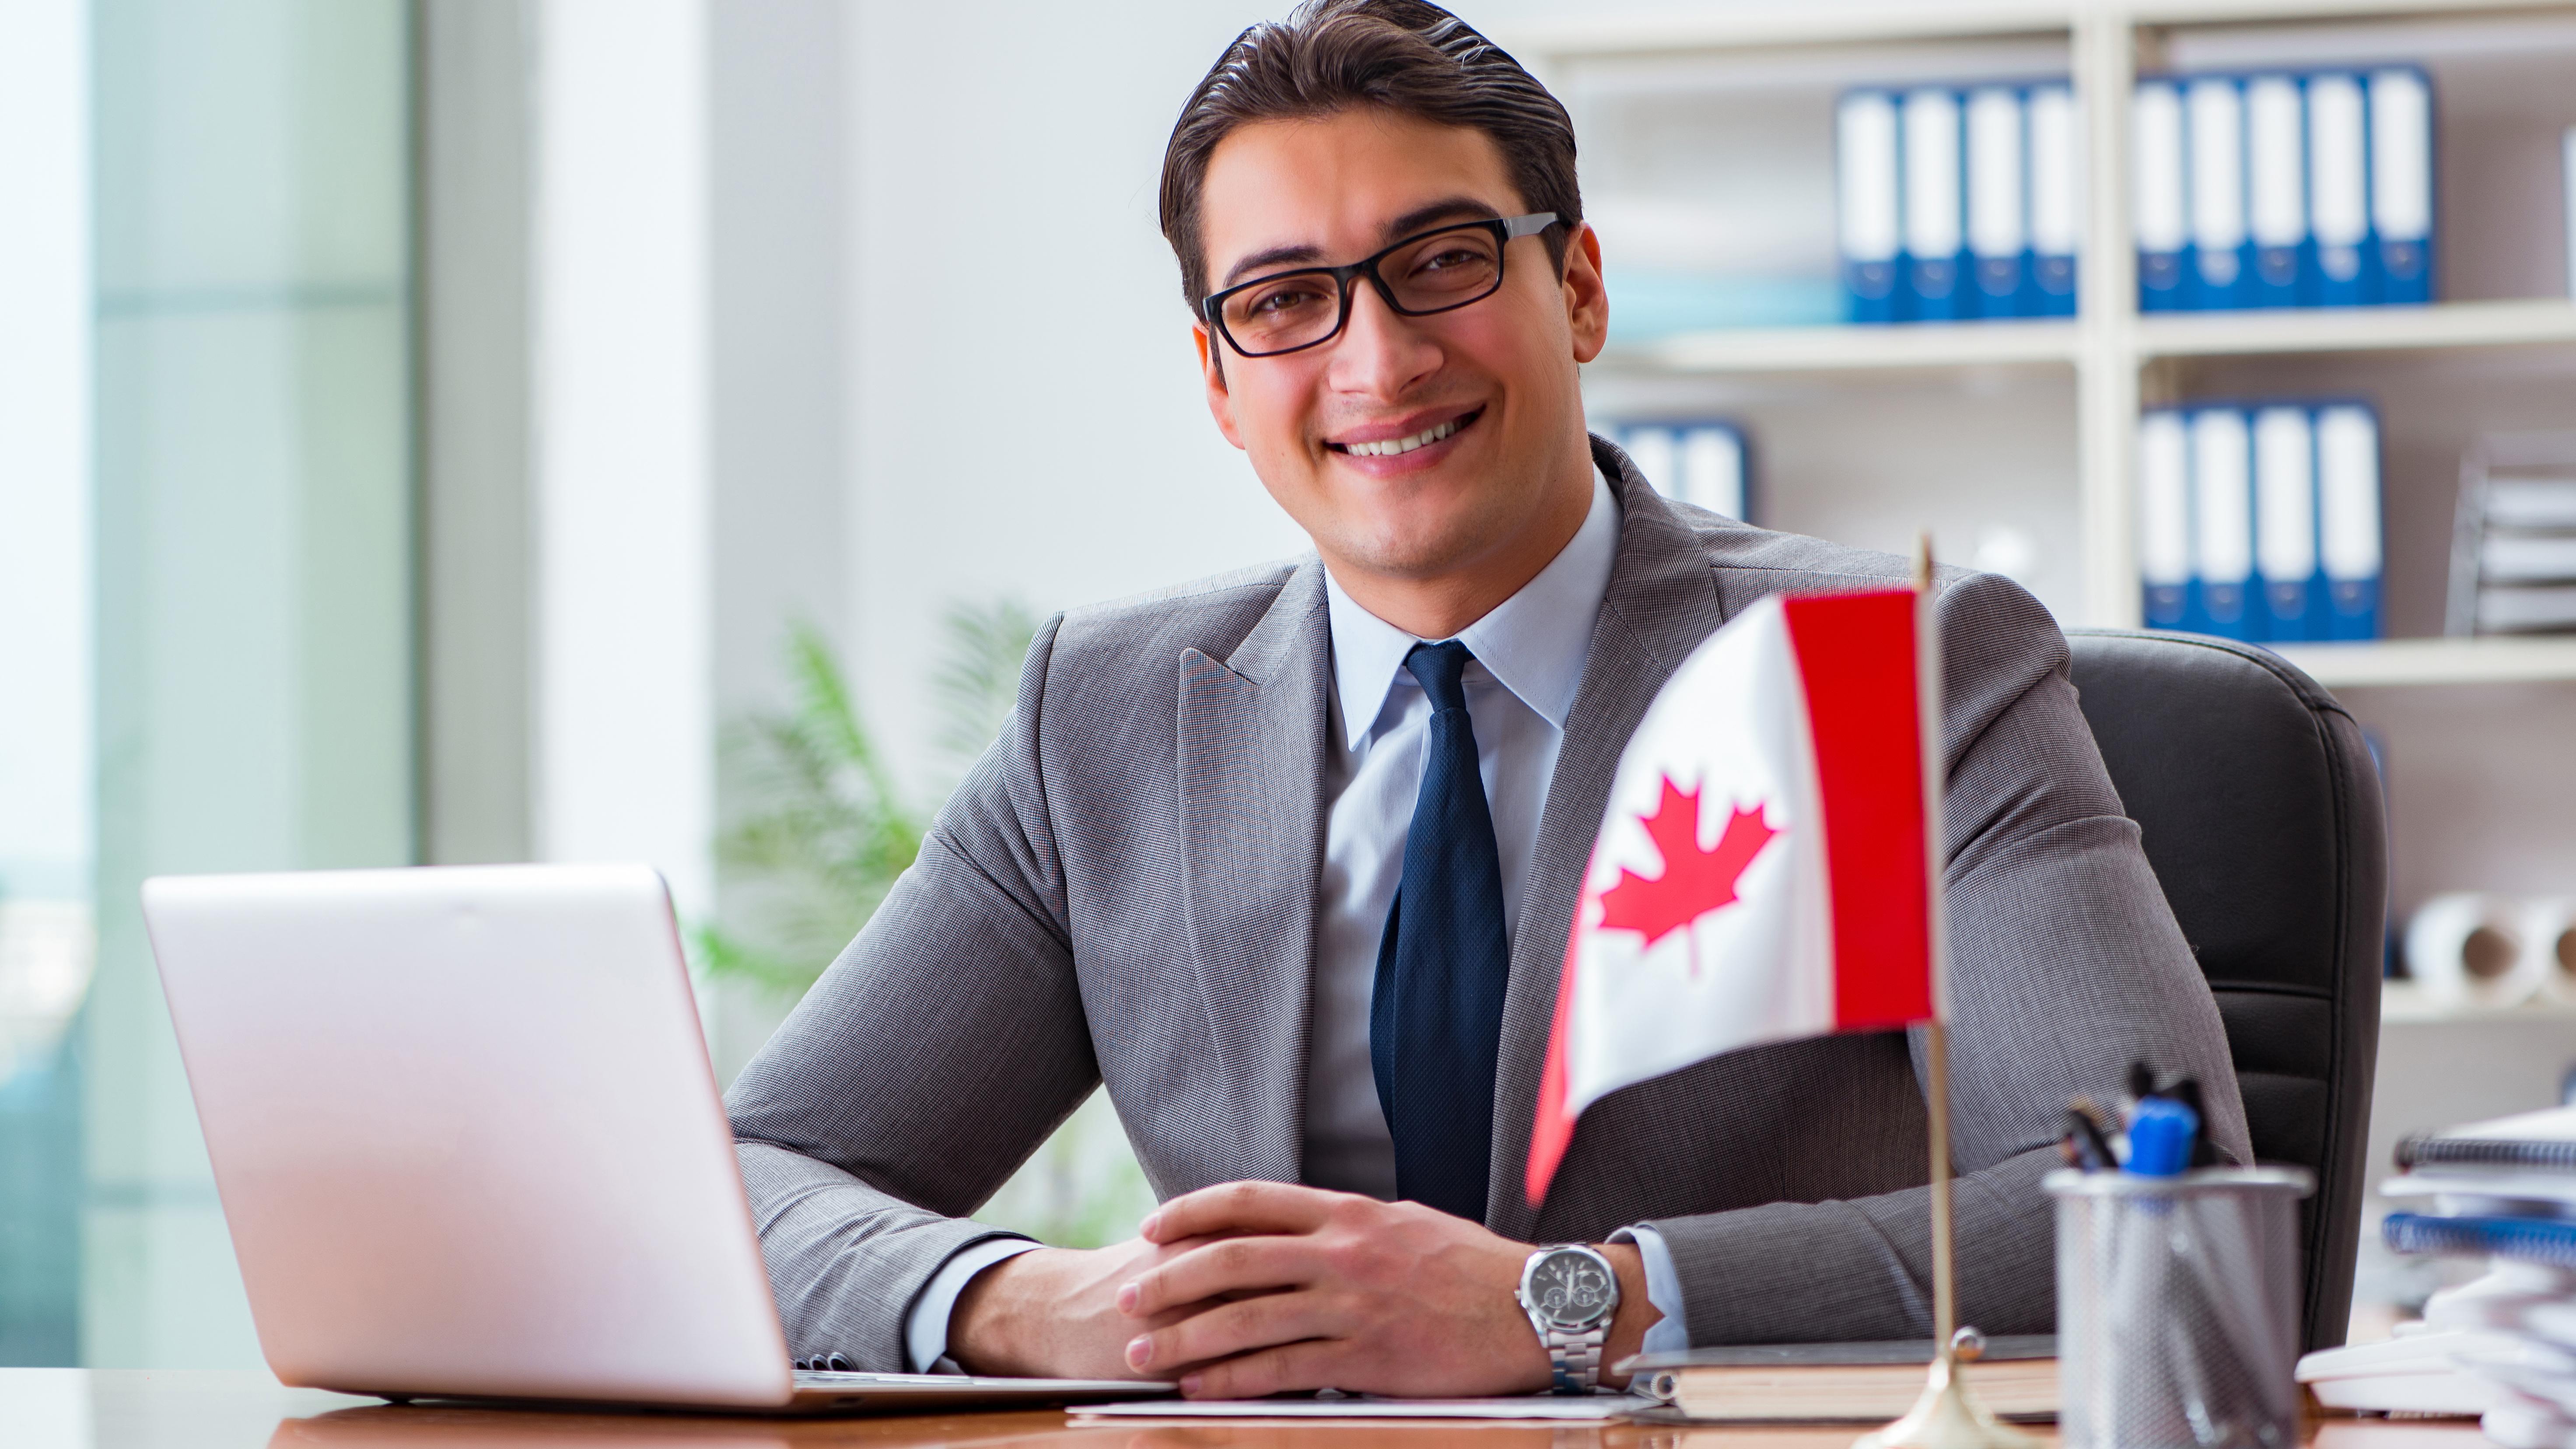 Работа в Канаде для русских: поиск и трудоустройство